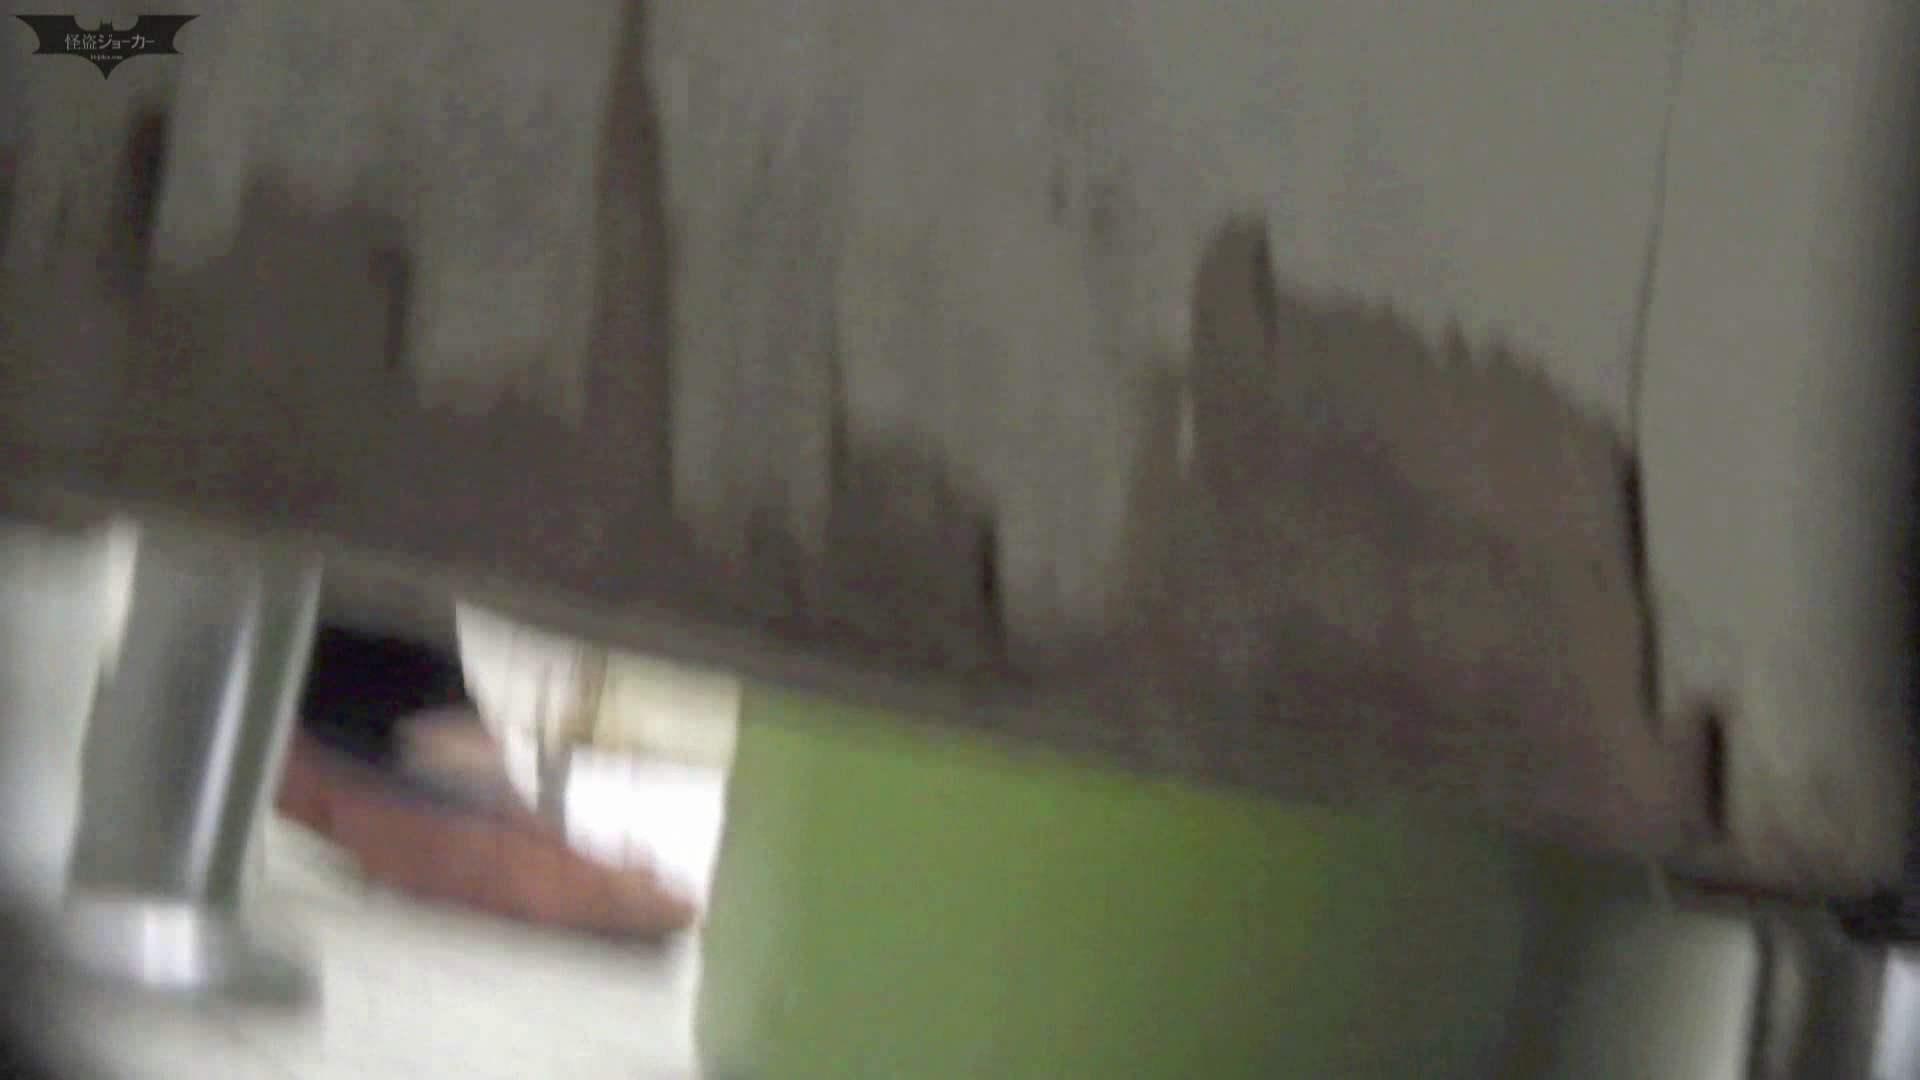 【潜入トイレ盗撮】洗面所特攻隊 vol.70 極上品の連続、歌いながら美女入室 潜入 おまんこ無修正動画無料 97画像 8